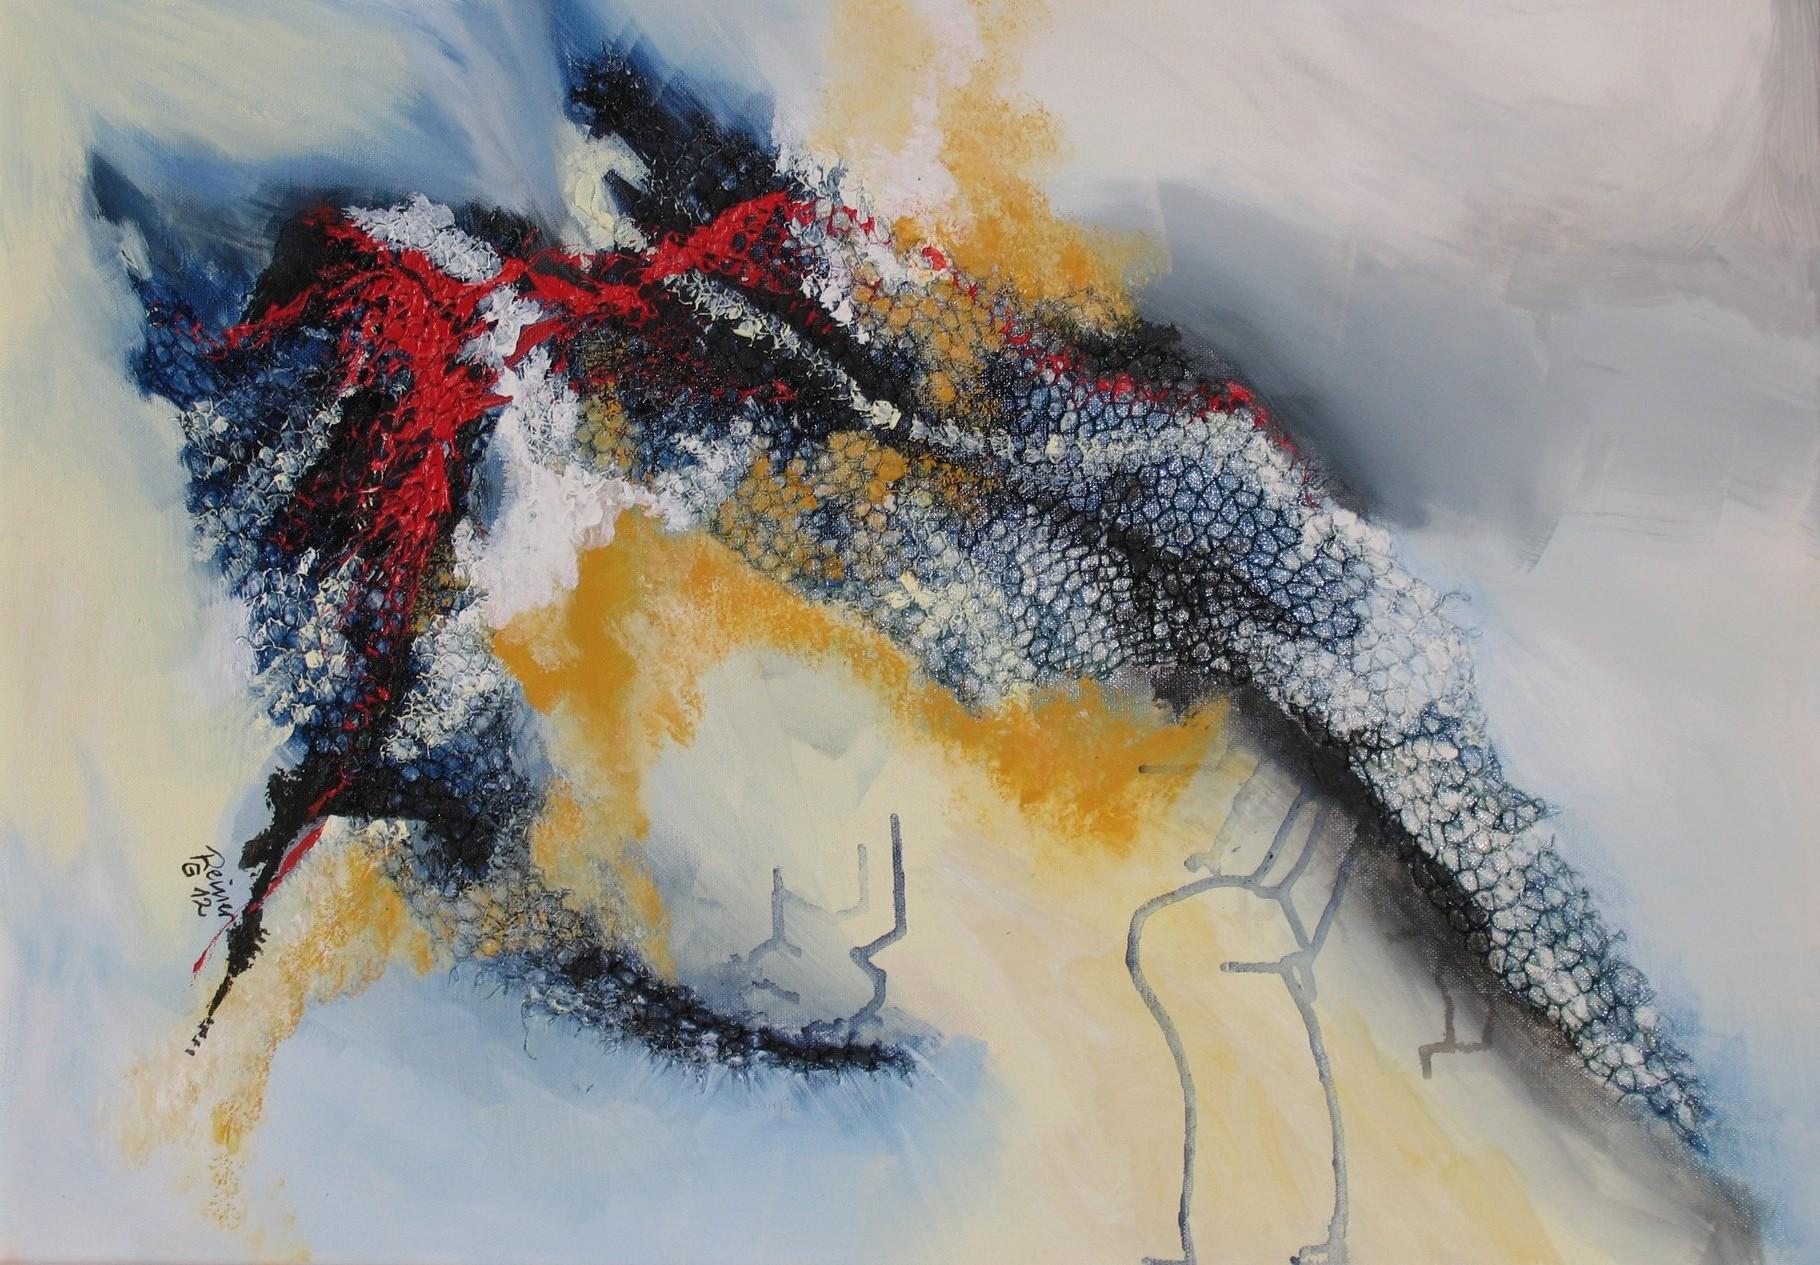 Schwingen, Acryl, Netz auf Leinwand  70 x 50 cm